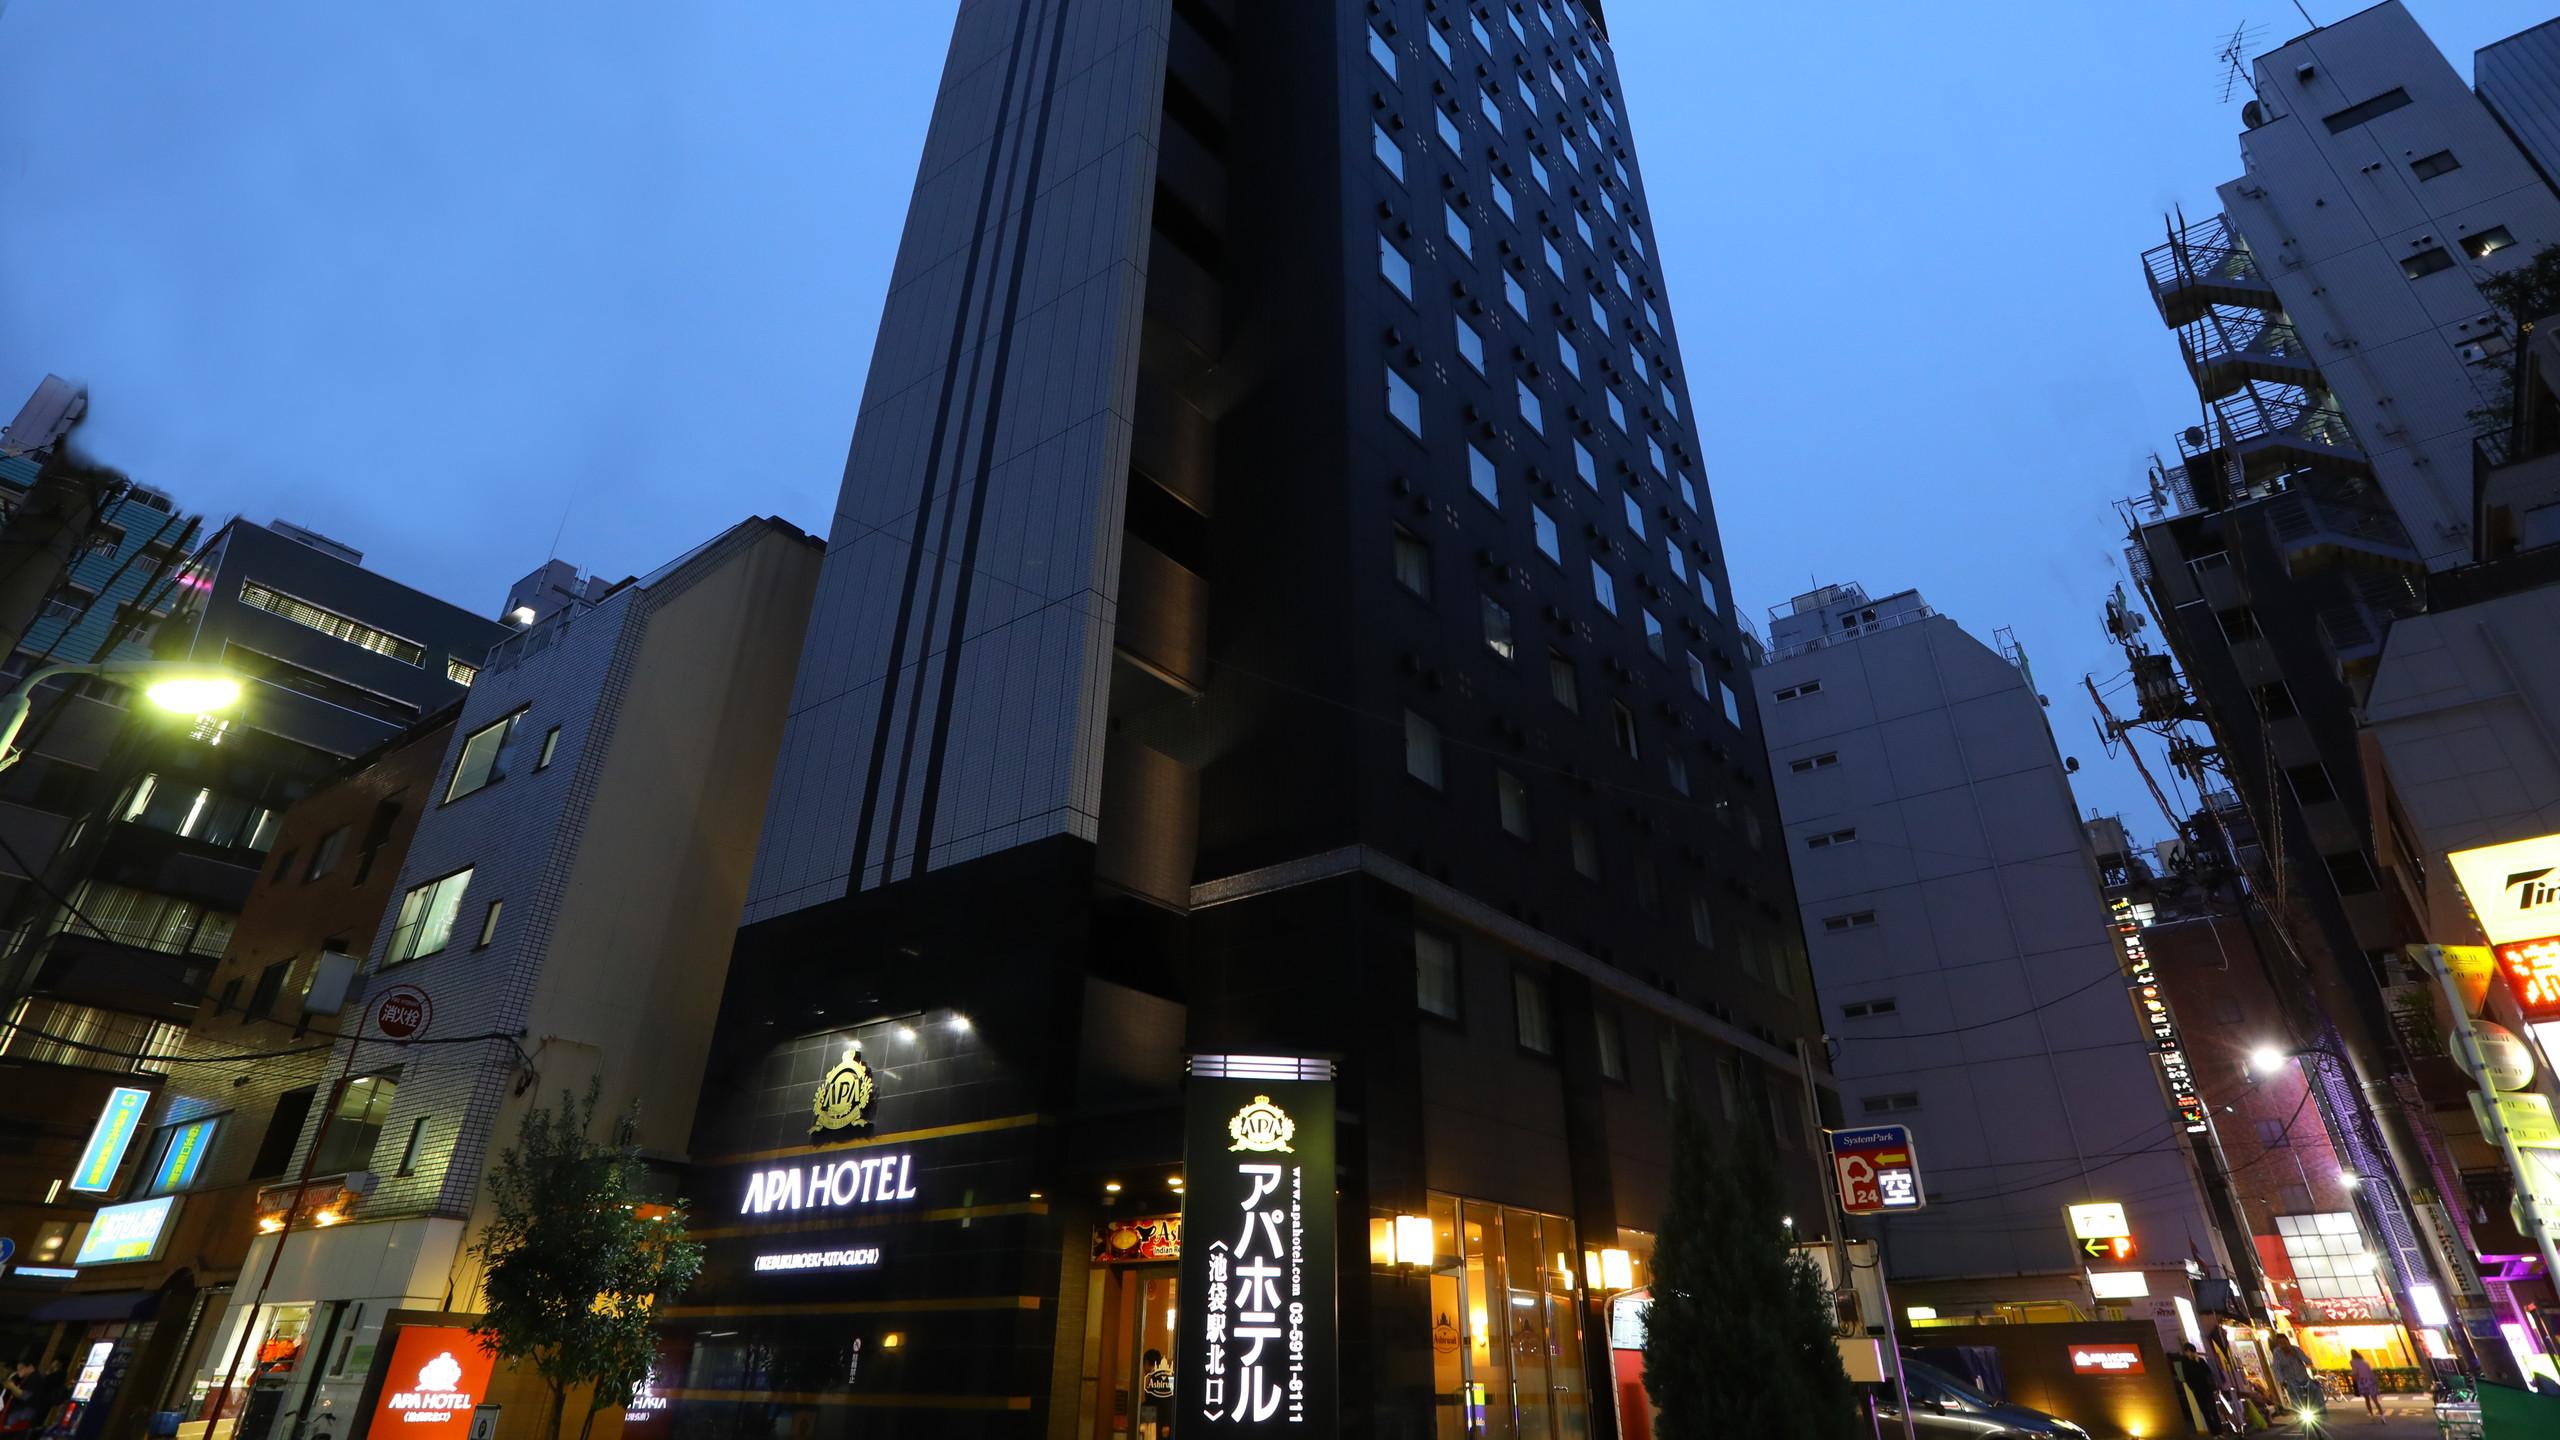 アパホテル 池袋駅北口◆楽天トラベル